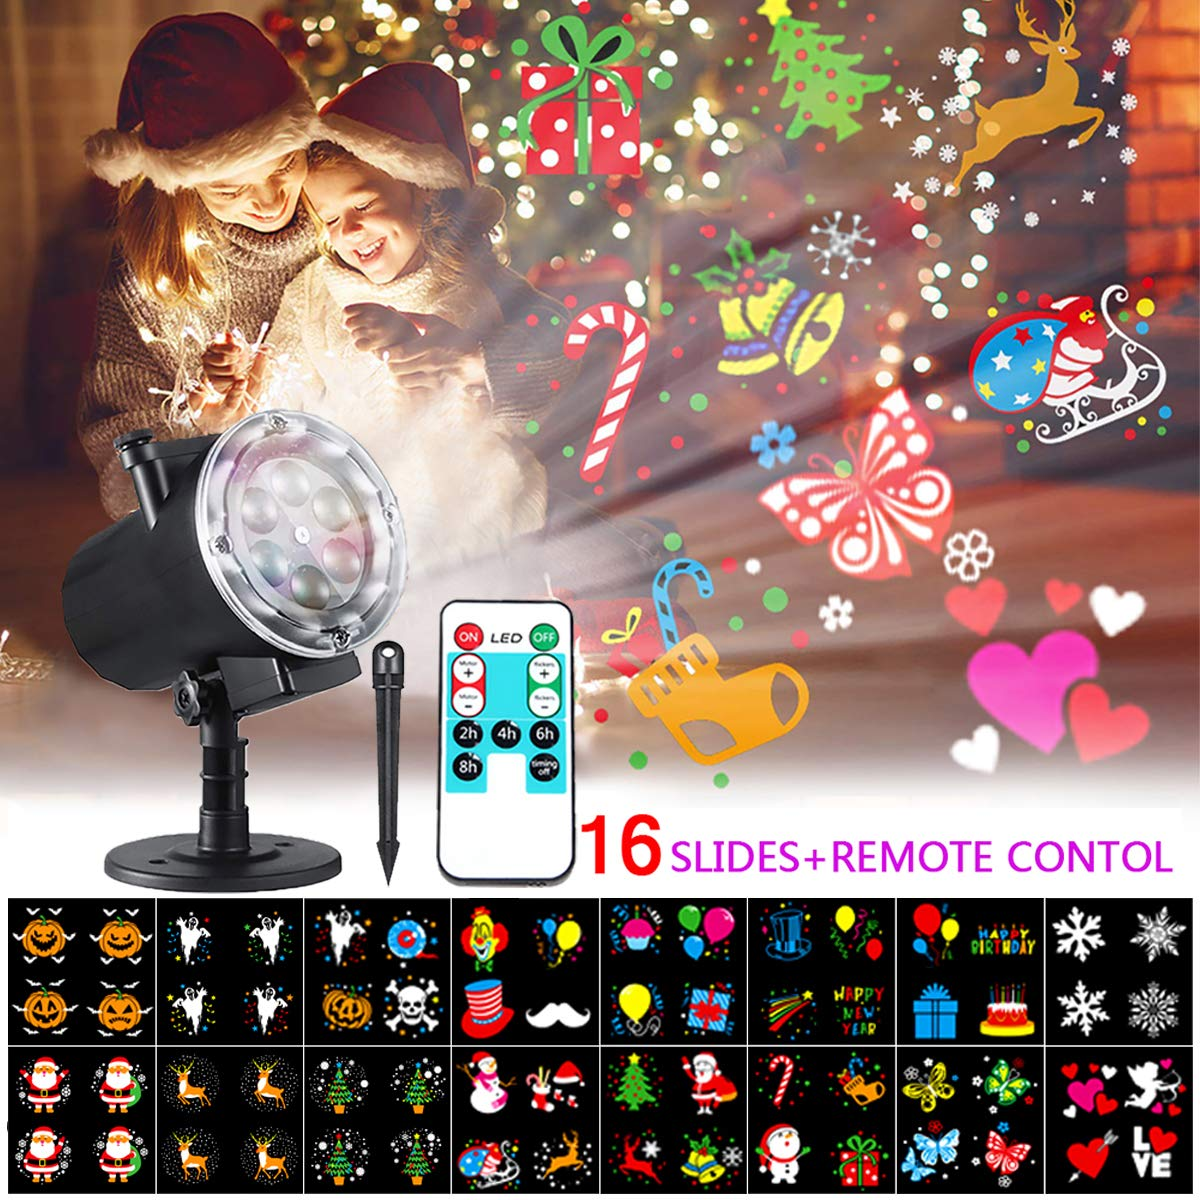 LED Projektionslampe Ostern Valentinstag Geburtstag Bosunny Weihnachtsprojektor Lichter mit 16 Austauschbare Patterns und RF-Fernbedienung f/ür Weihnachten Neujahr Party